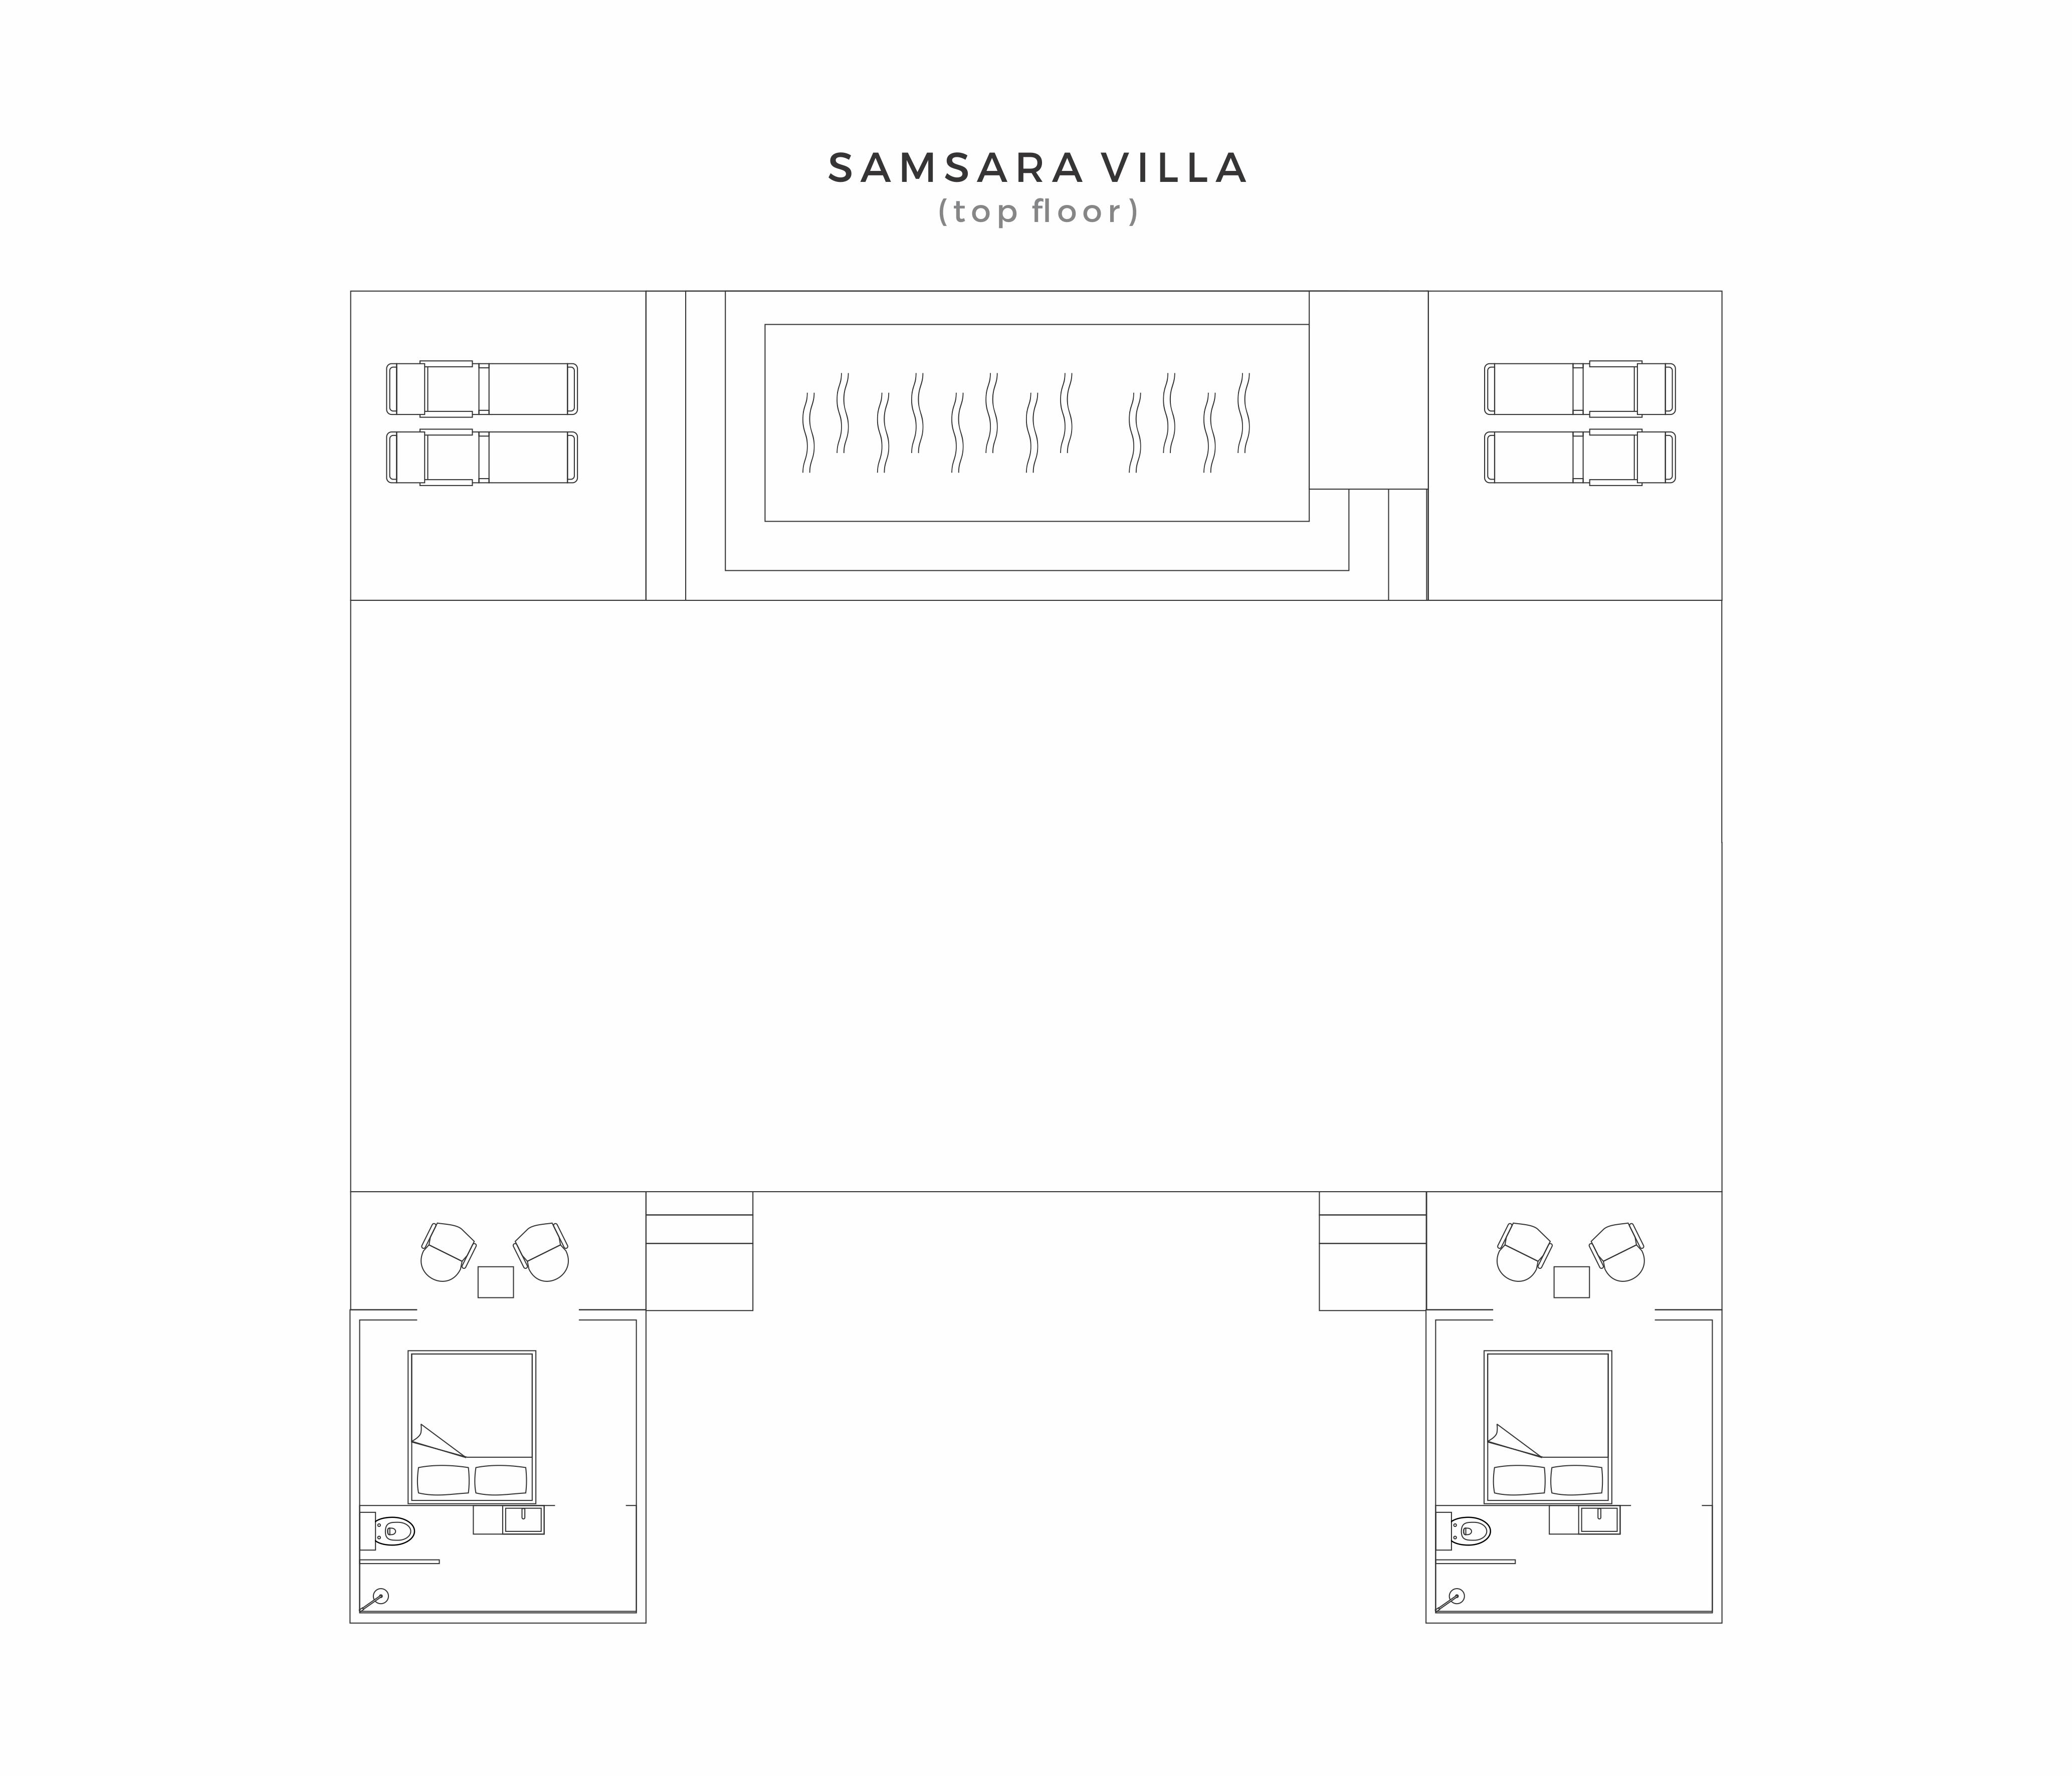 Samsara_Villa_Floor_Plan_upstair